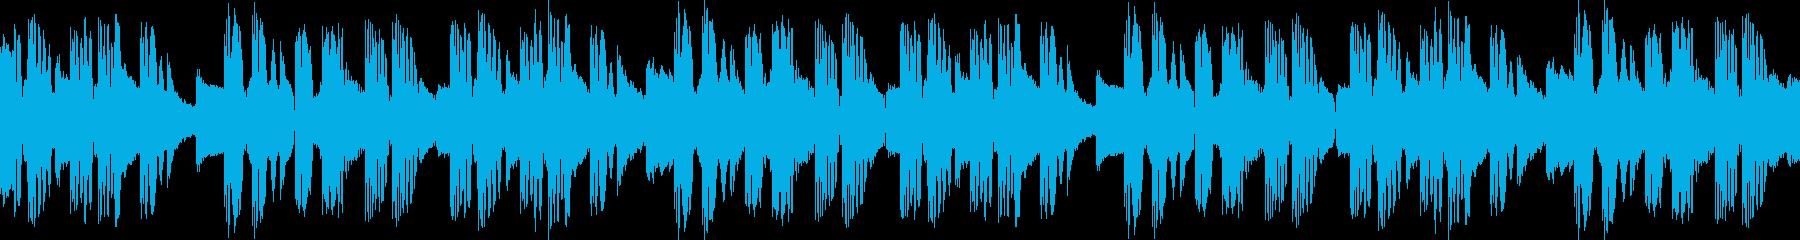 【ピアノ】キュン、切なげビート【ドラマ】の再生済みの波形